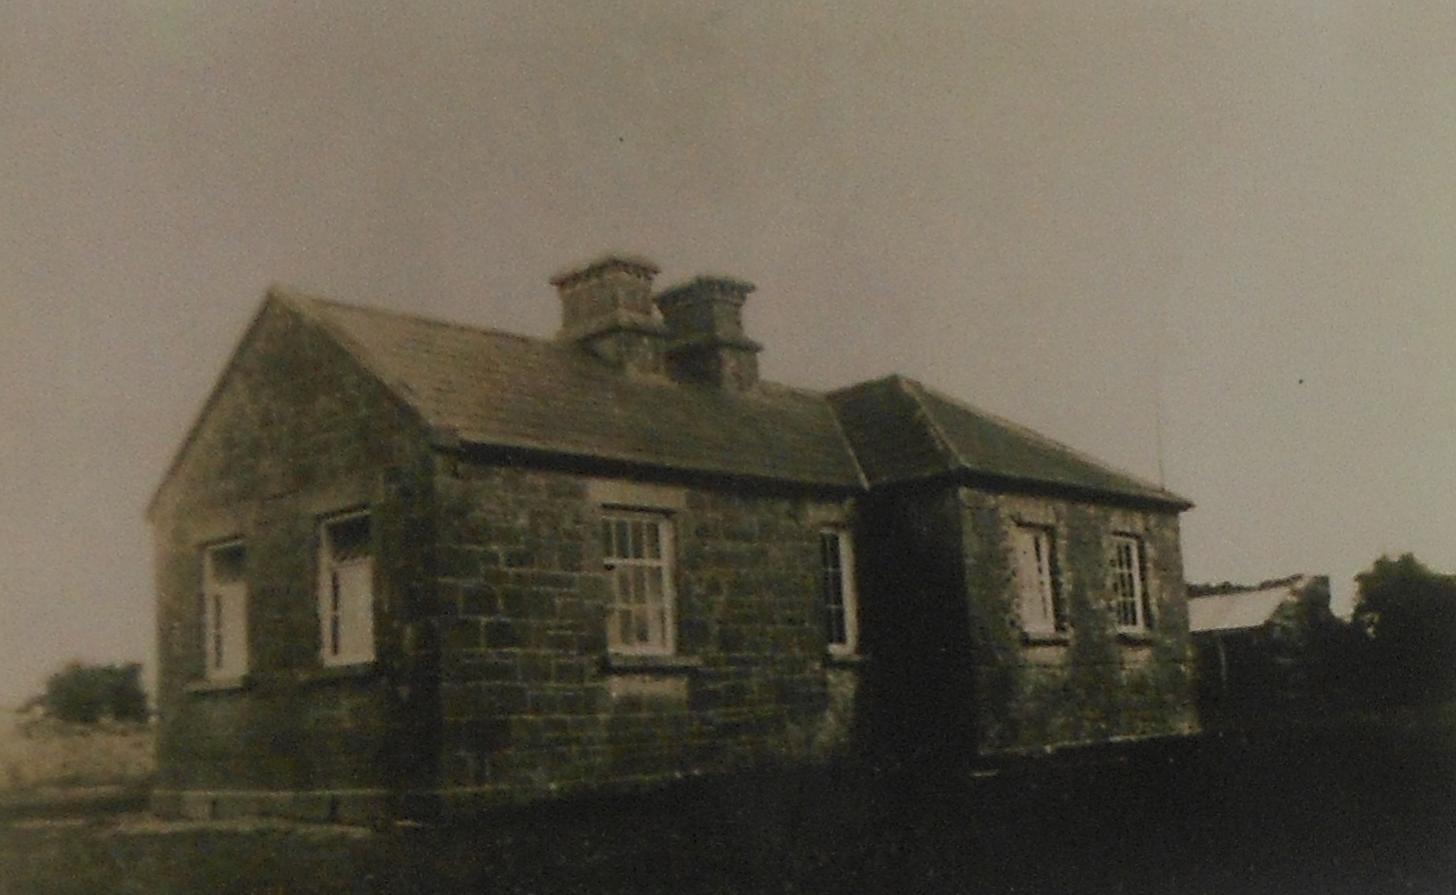 Original Clondoyle National School, 1879 - 1943